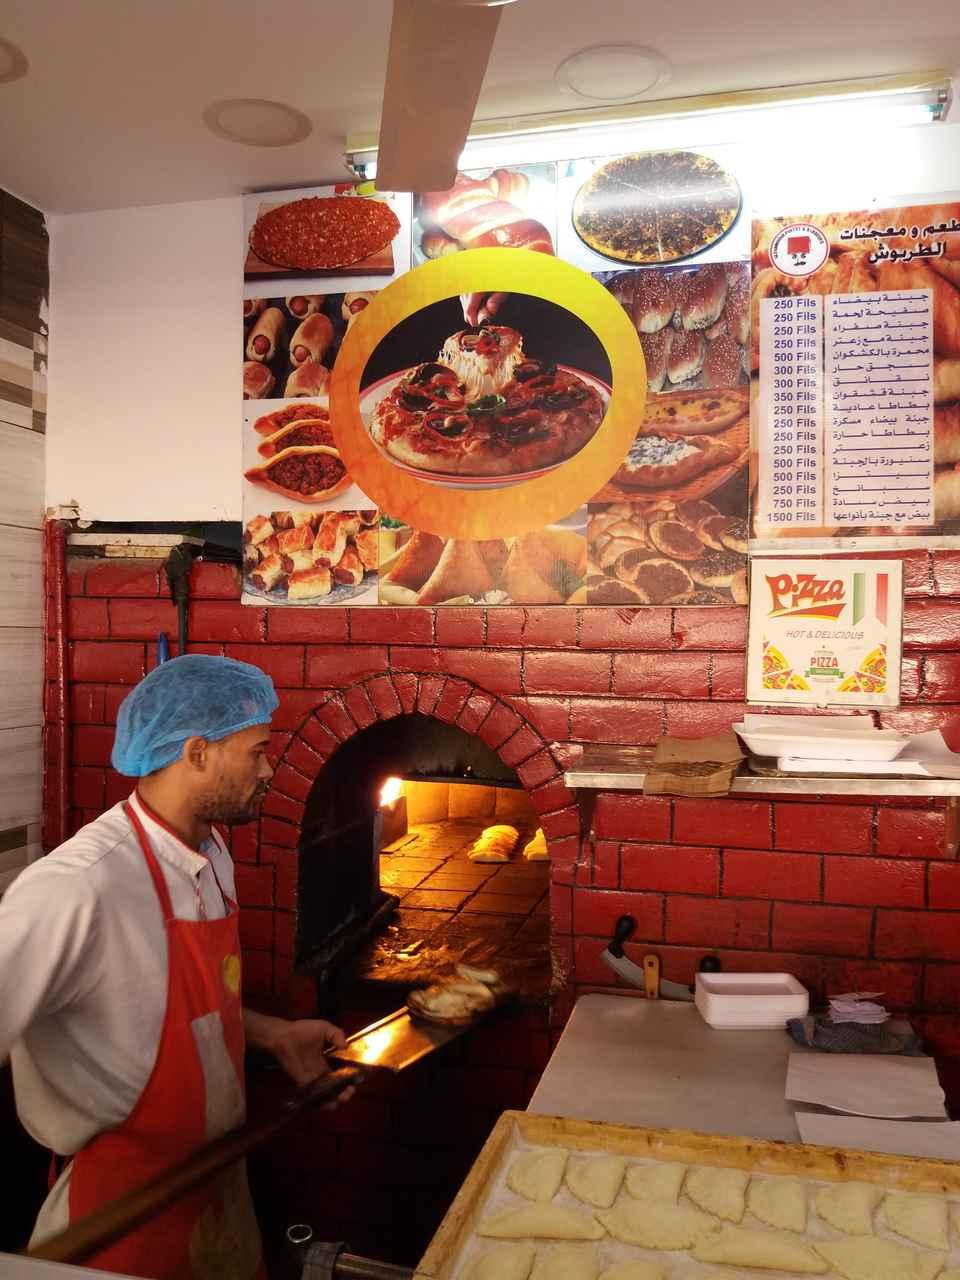 jordania z dziećmi i kuchnia